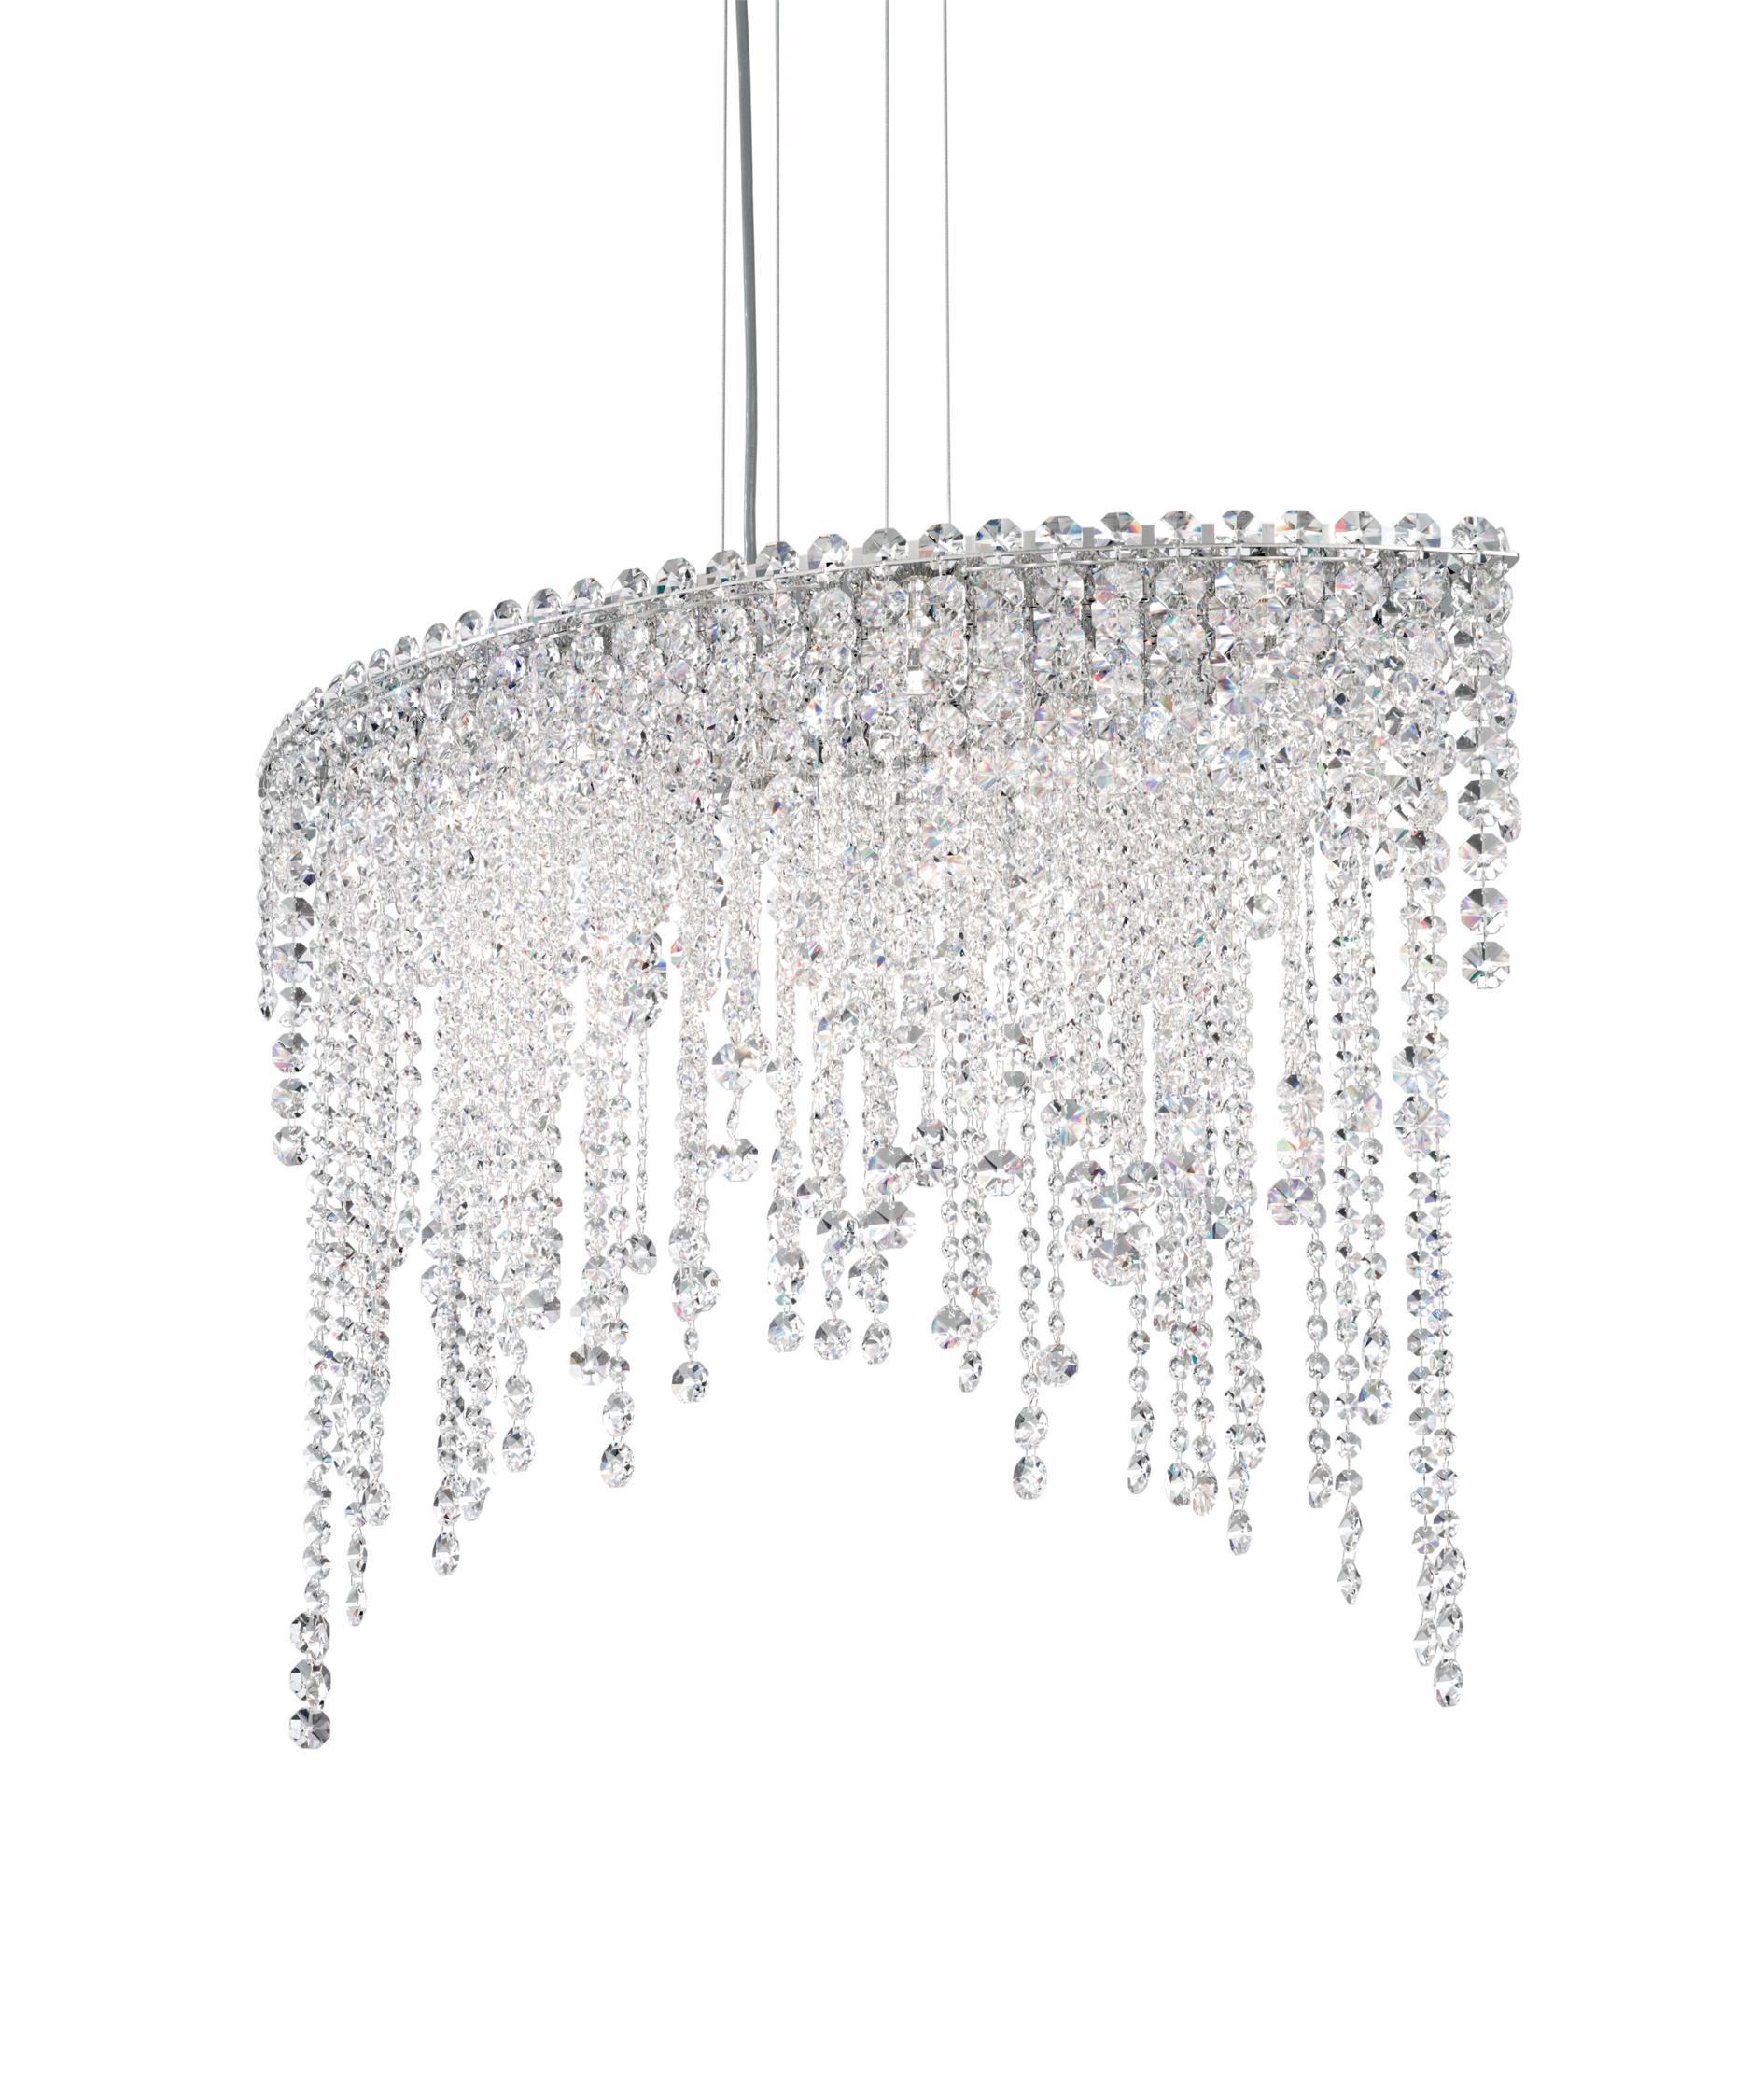 schonbek ch3612 chantant 33 inch wide 6 light large pendant capitol lighting - Schonbek